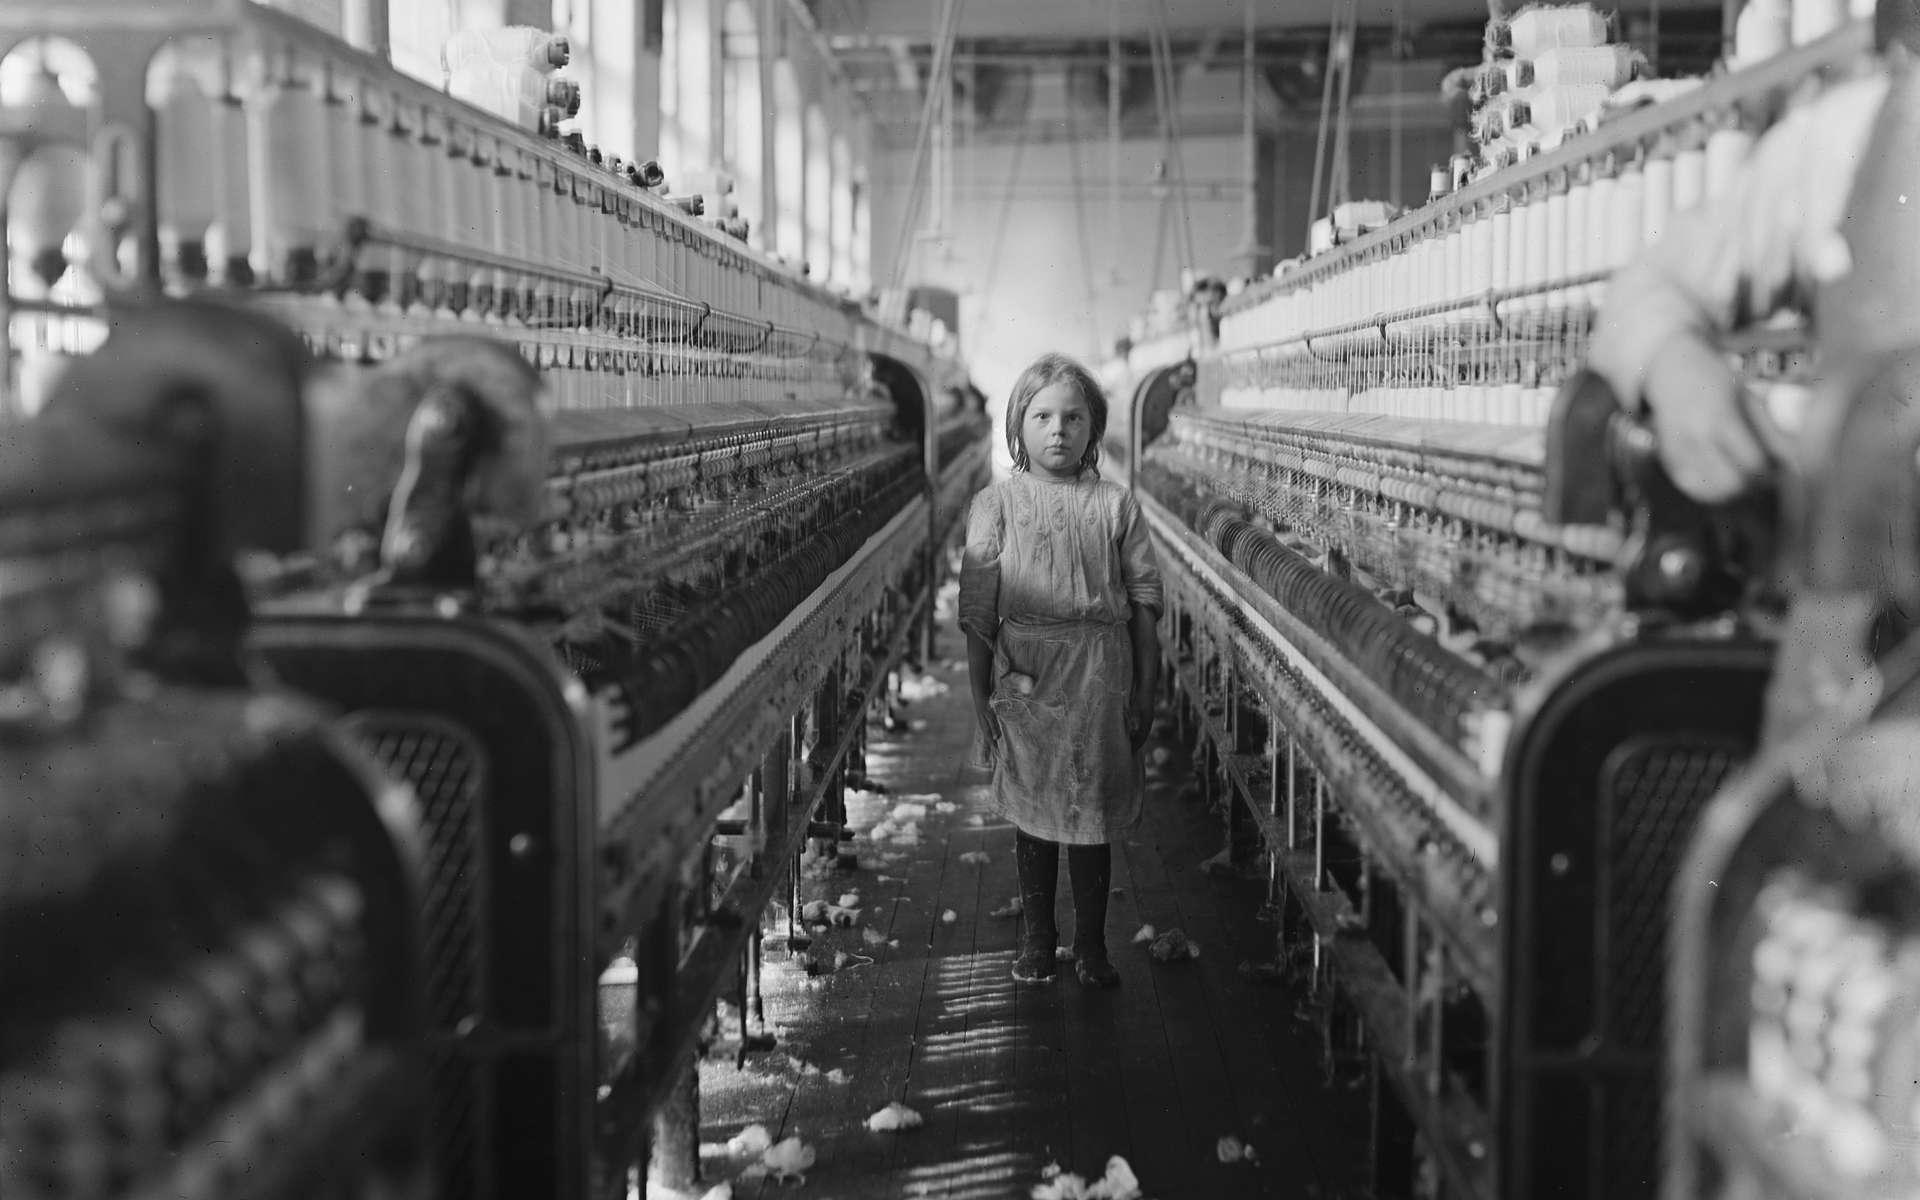 Fillette au travail dans une filature, usine Mollohan, Newberry, Caroline du Sud, USA ; photo Lewis Hine, 1908. © Wikimedia Commons, domaine public.